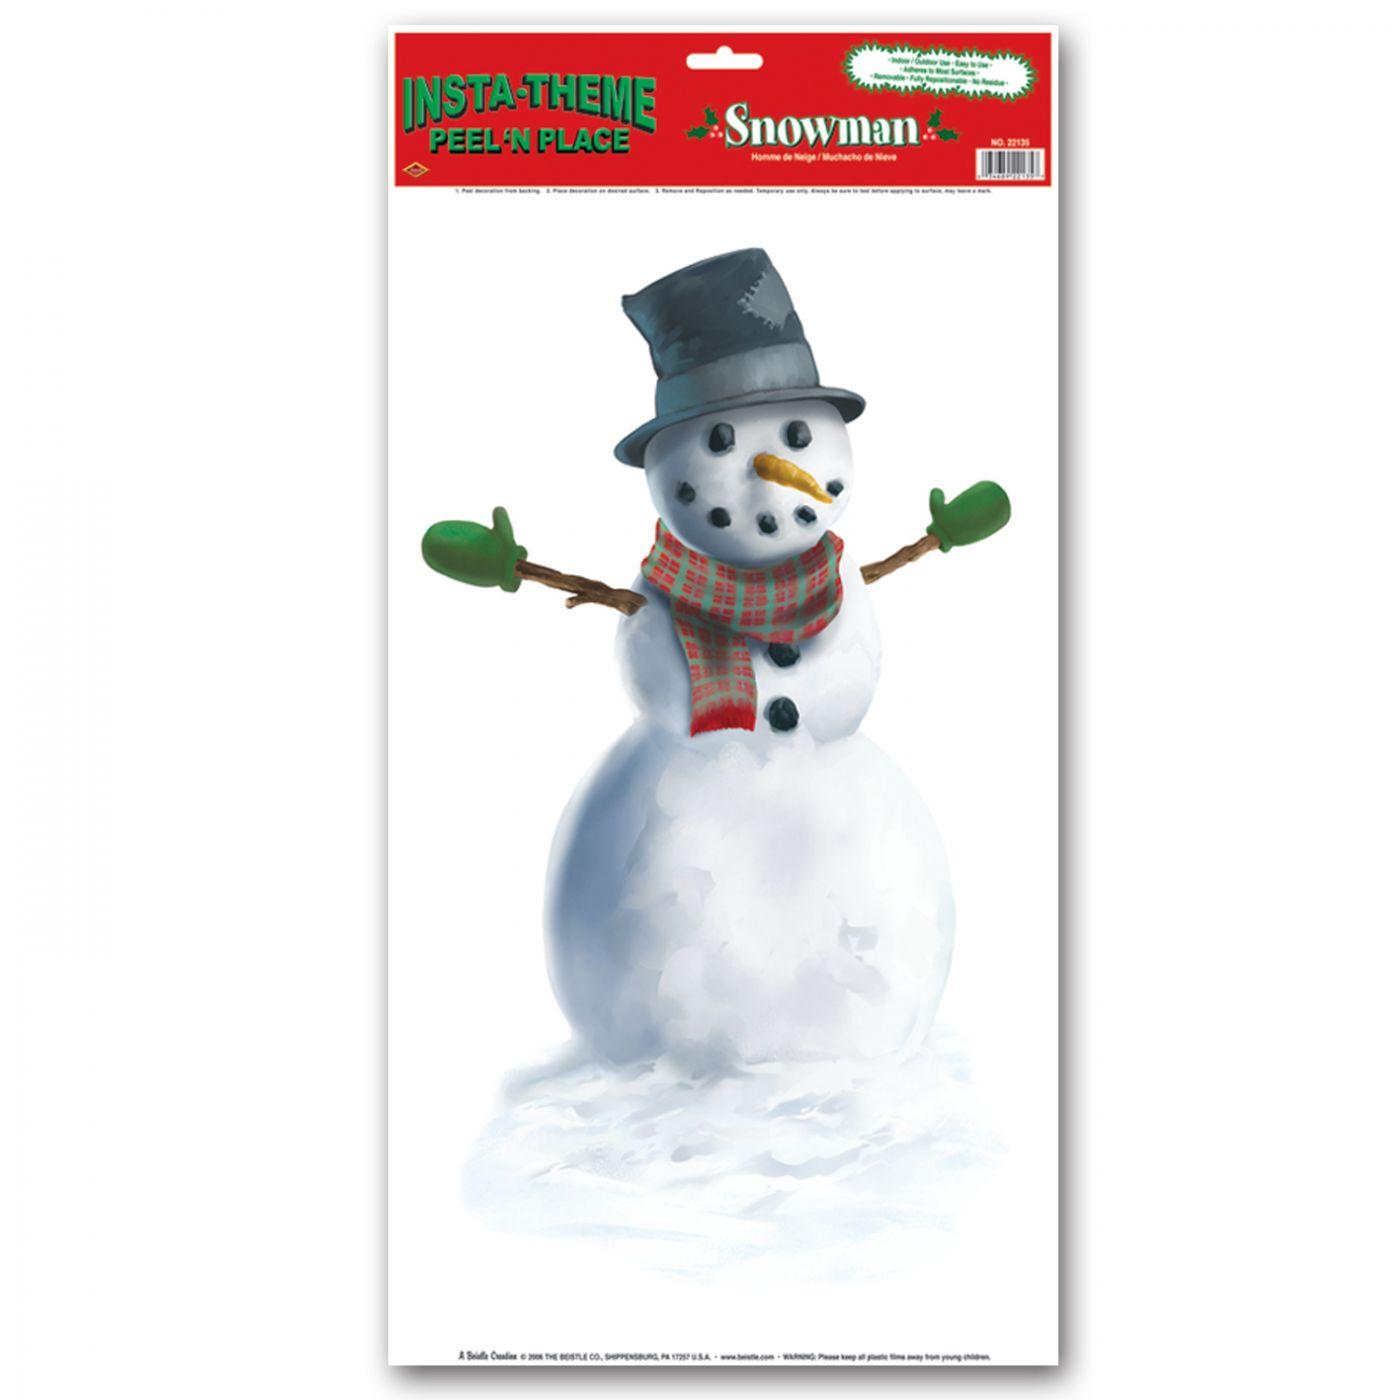 Snowman Peel 'N Place image